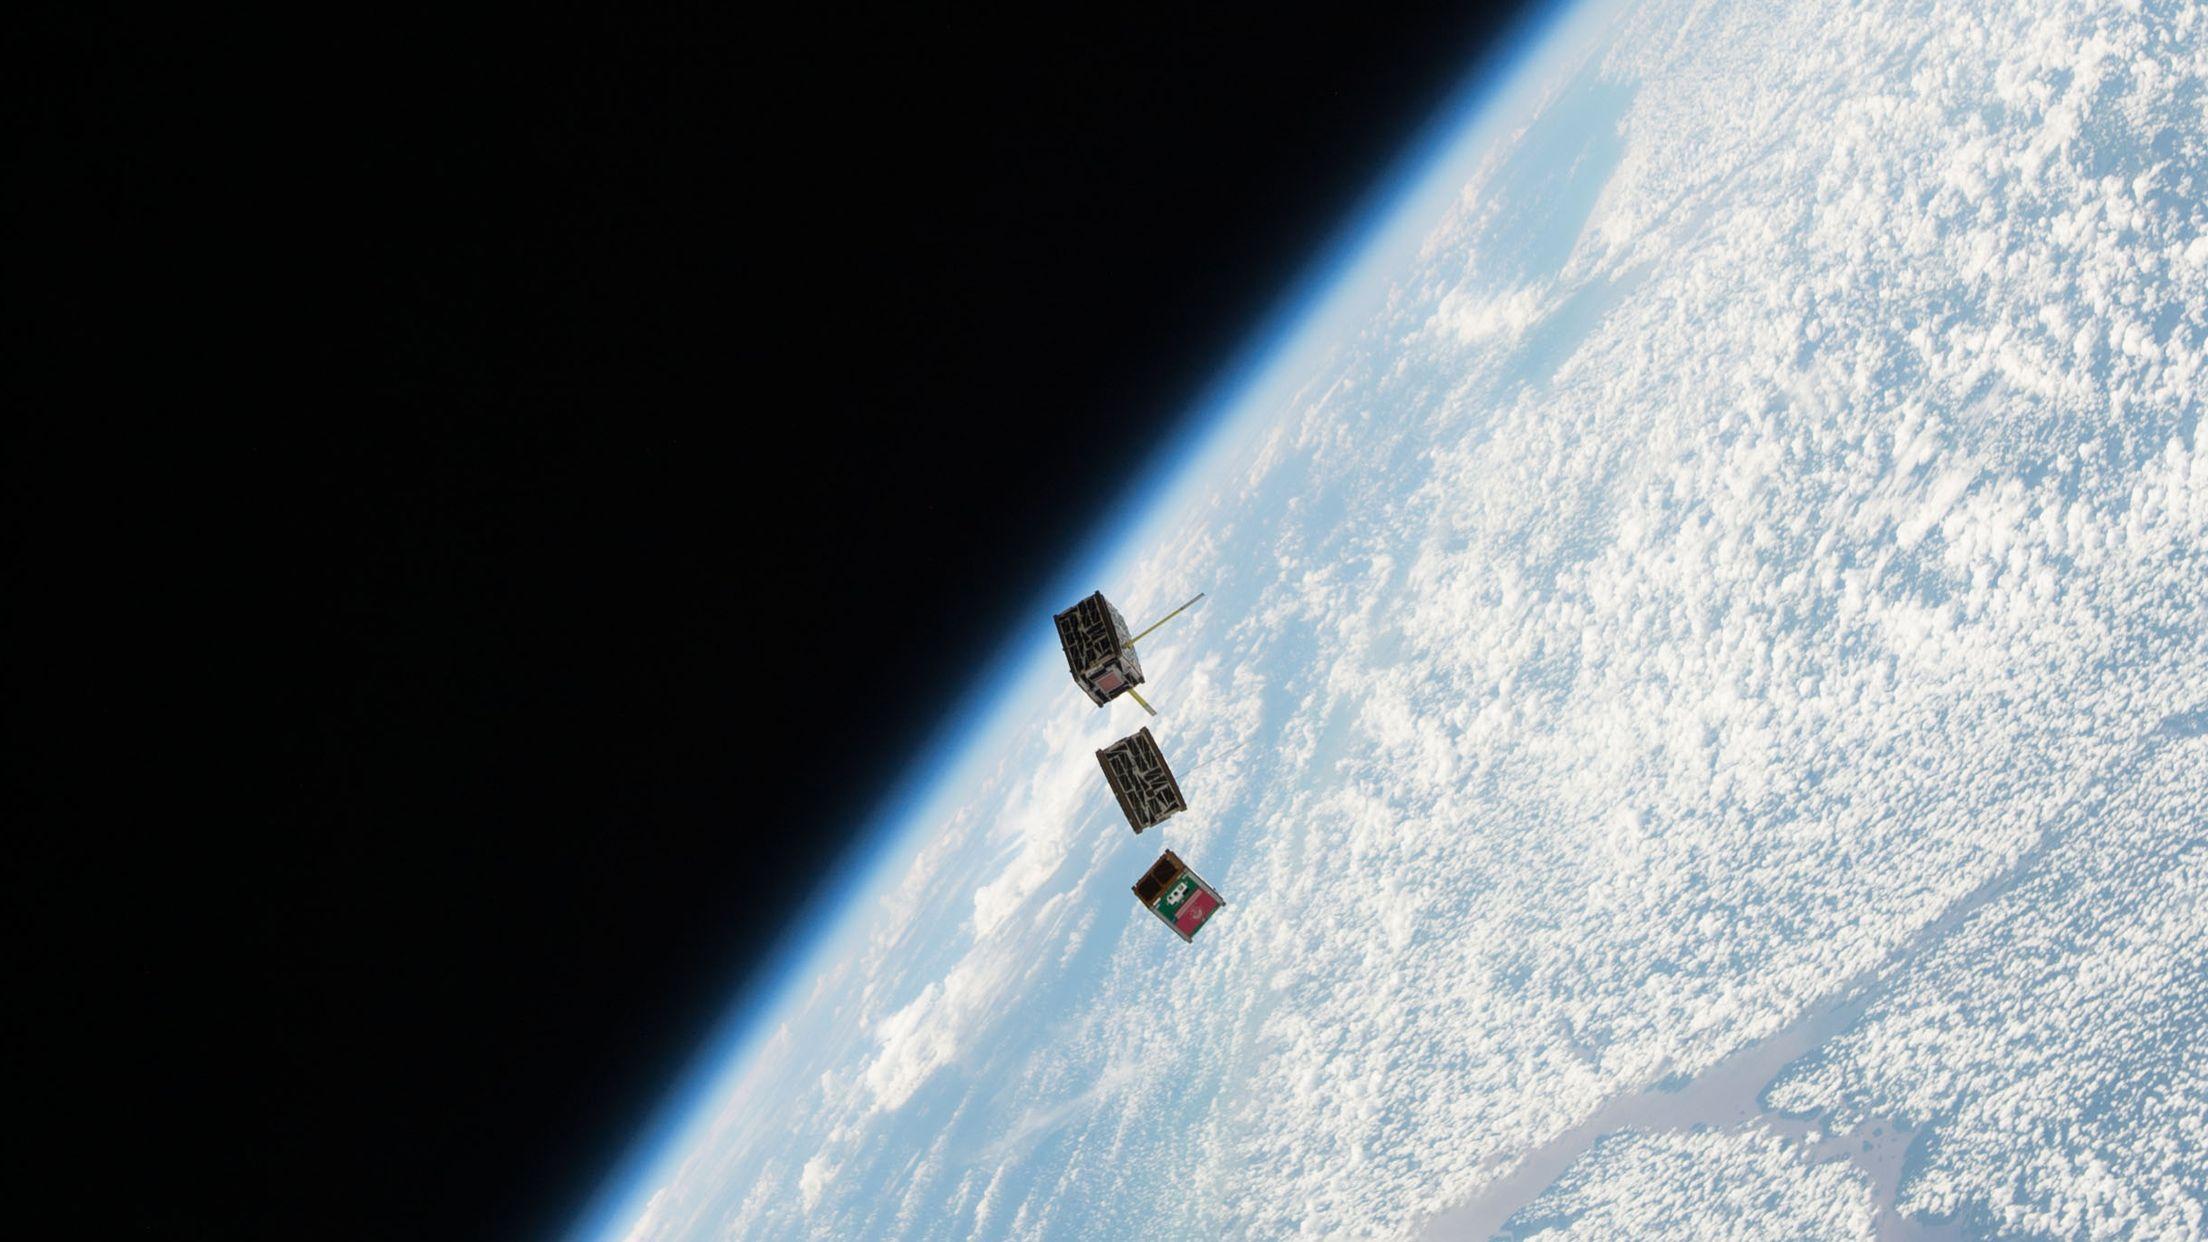 人工衛星の低コスト化で「ケスラーシンドローム」が現実化